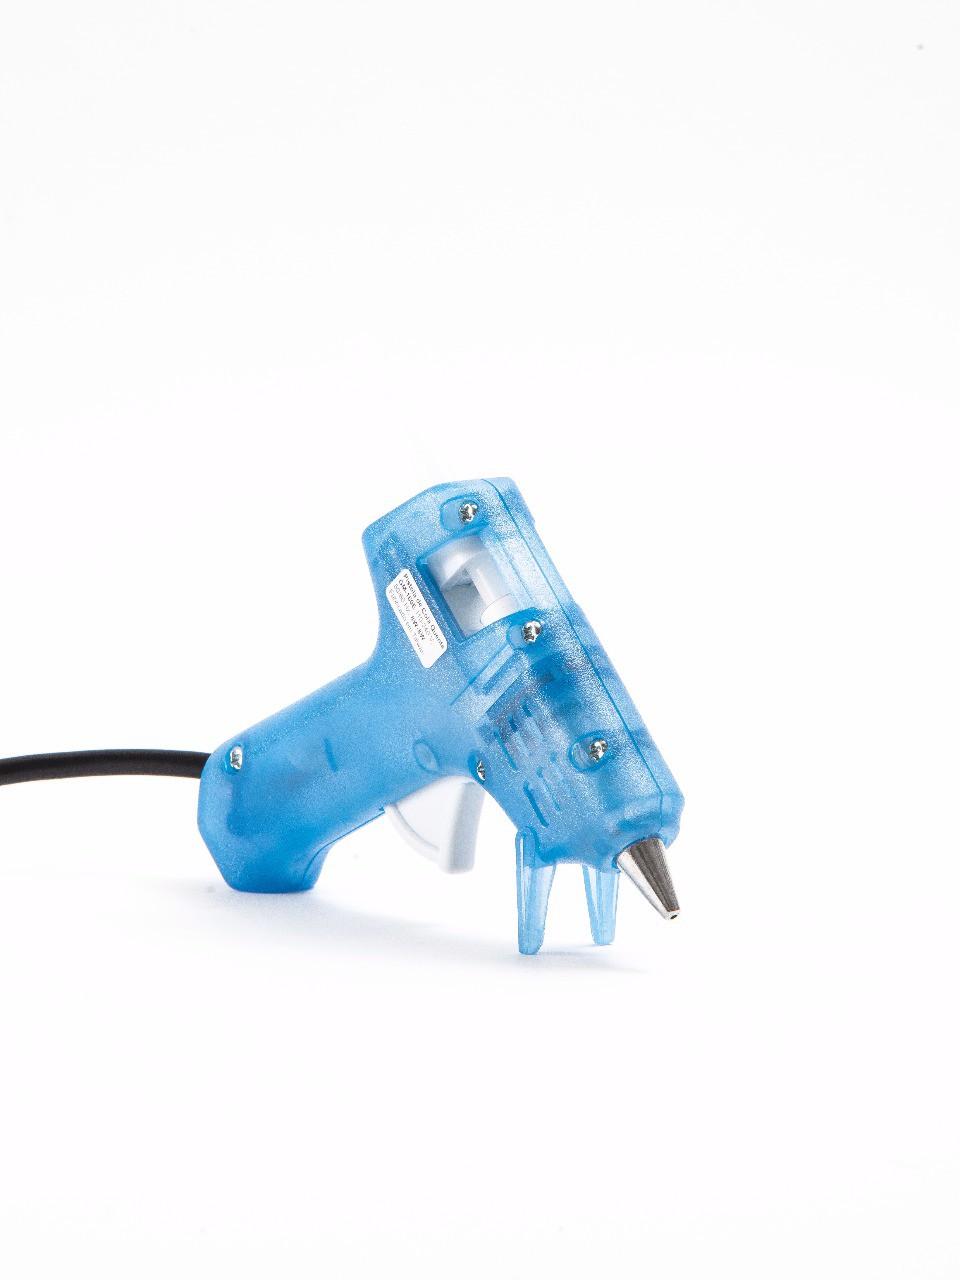 Pistola de Cola Quente Fina Artesanal 8W/20W - GM-160E Azul (Bastão de Cola Quente Fino 7,5mm)